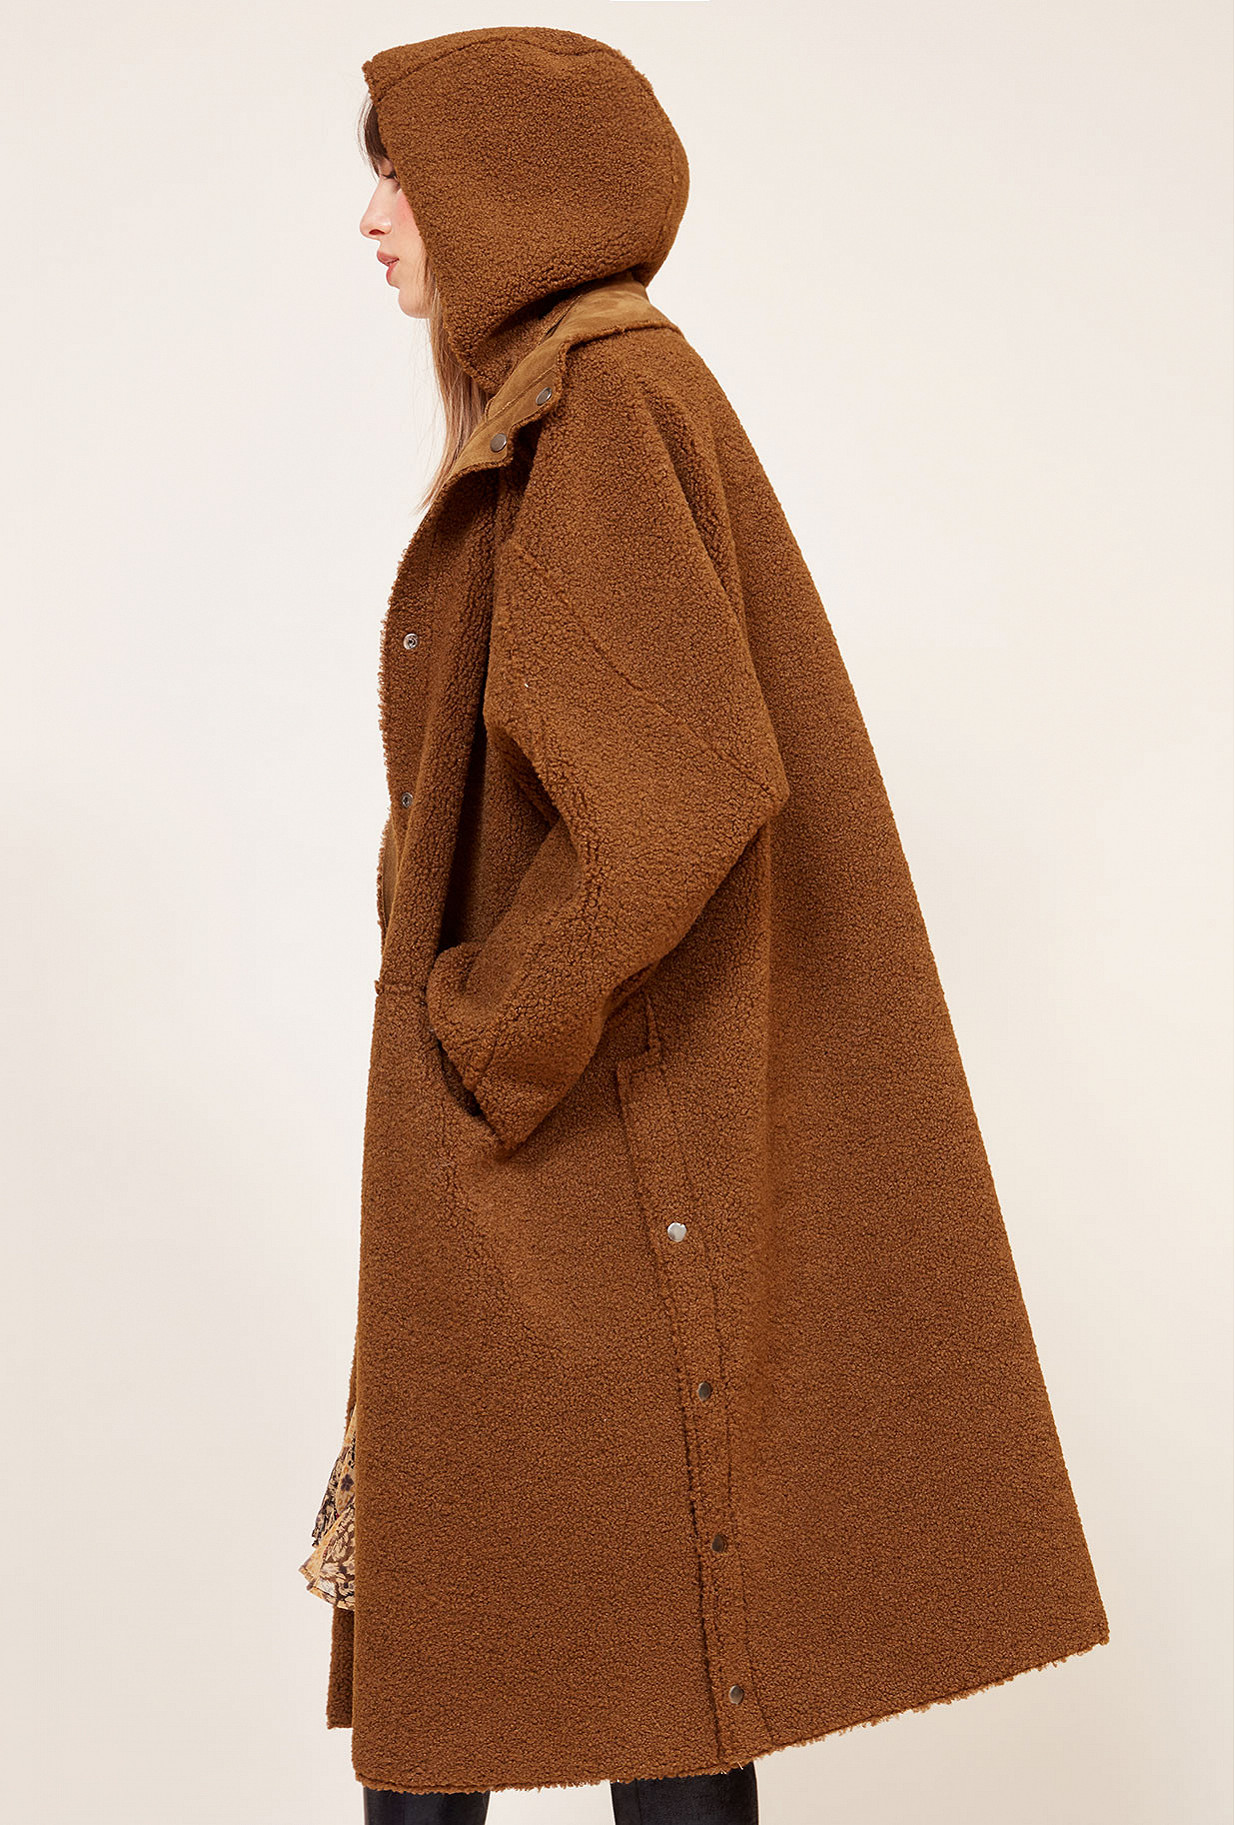 Paris boutique de mode vêtement Manteau créateur bohème  Guerrillera